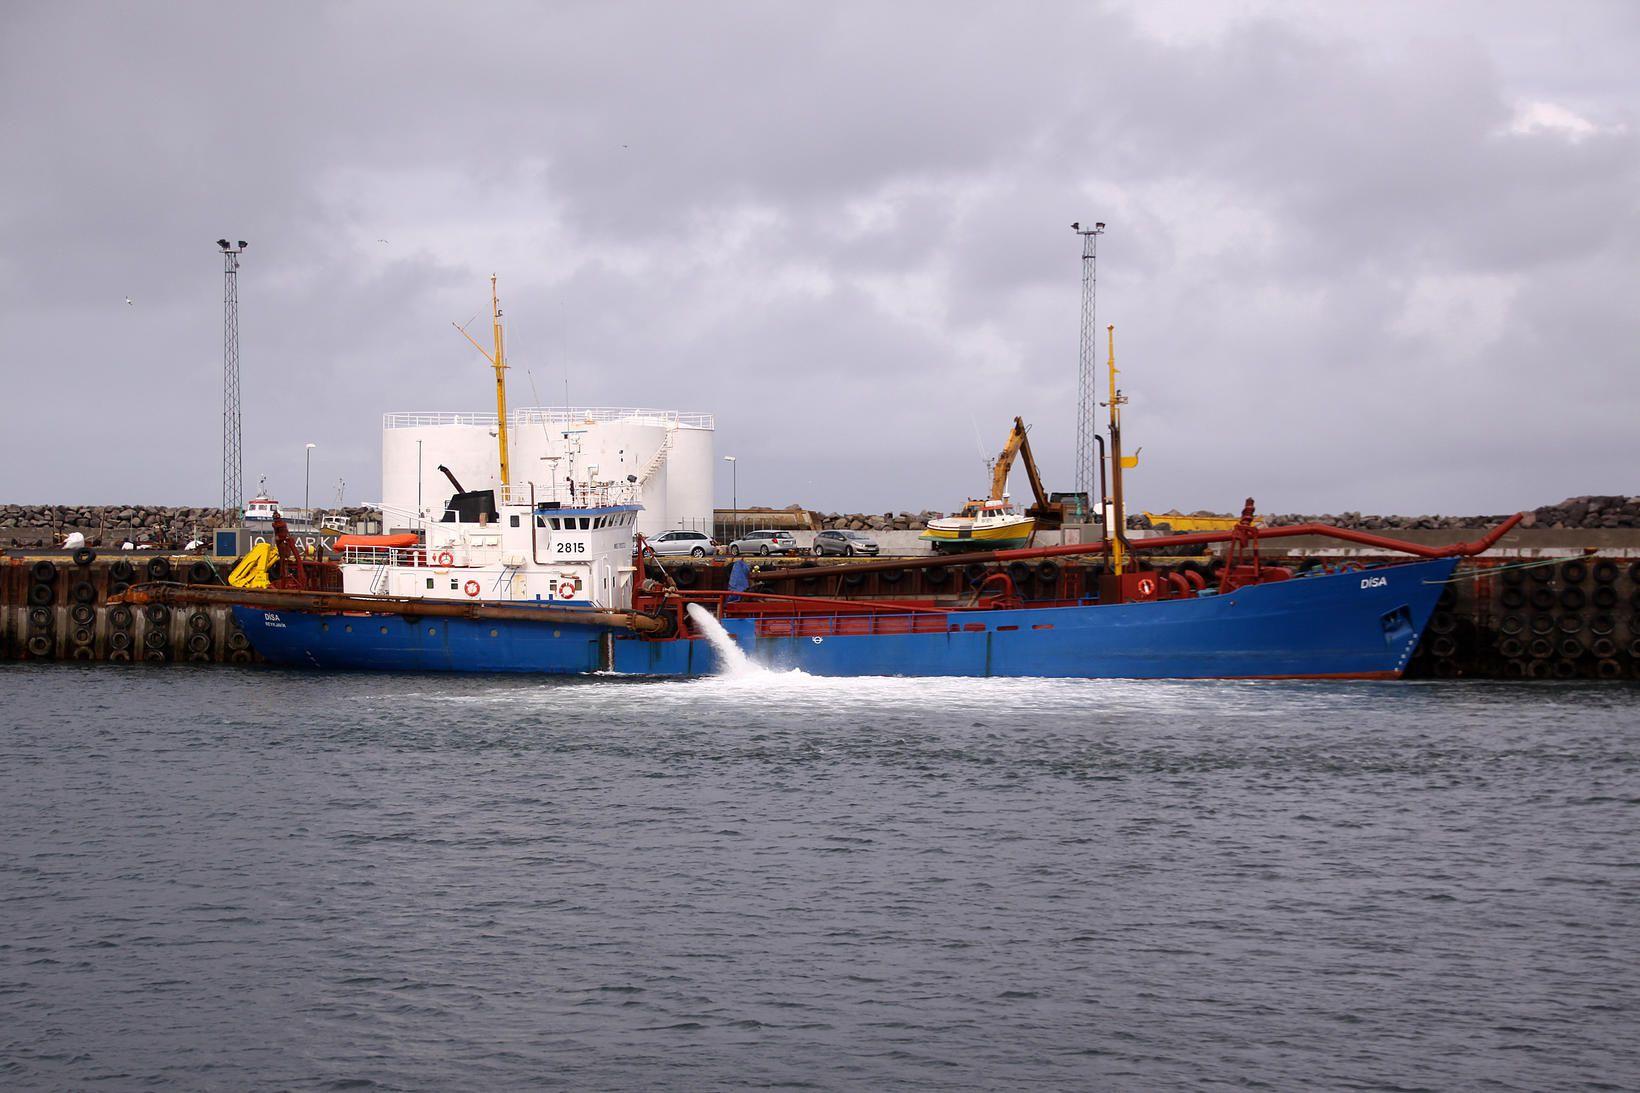 Sanddæluskipið Dísa að störfum í Ólafsvík.